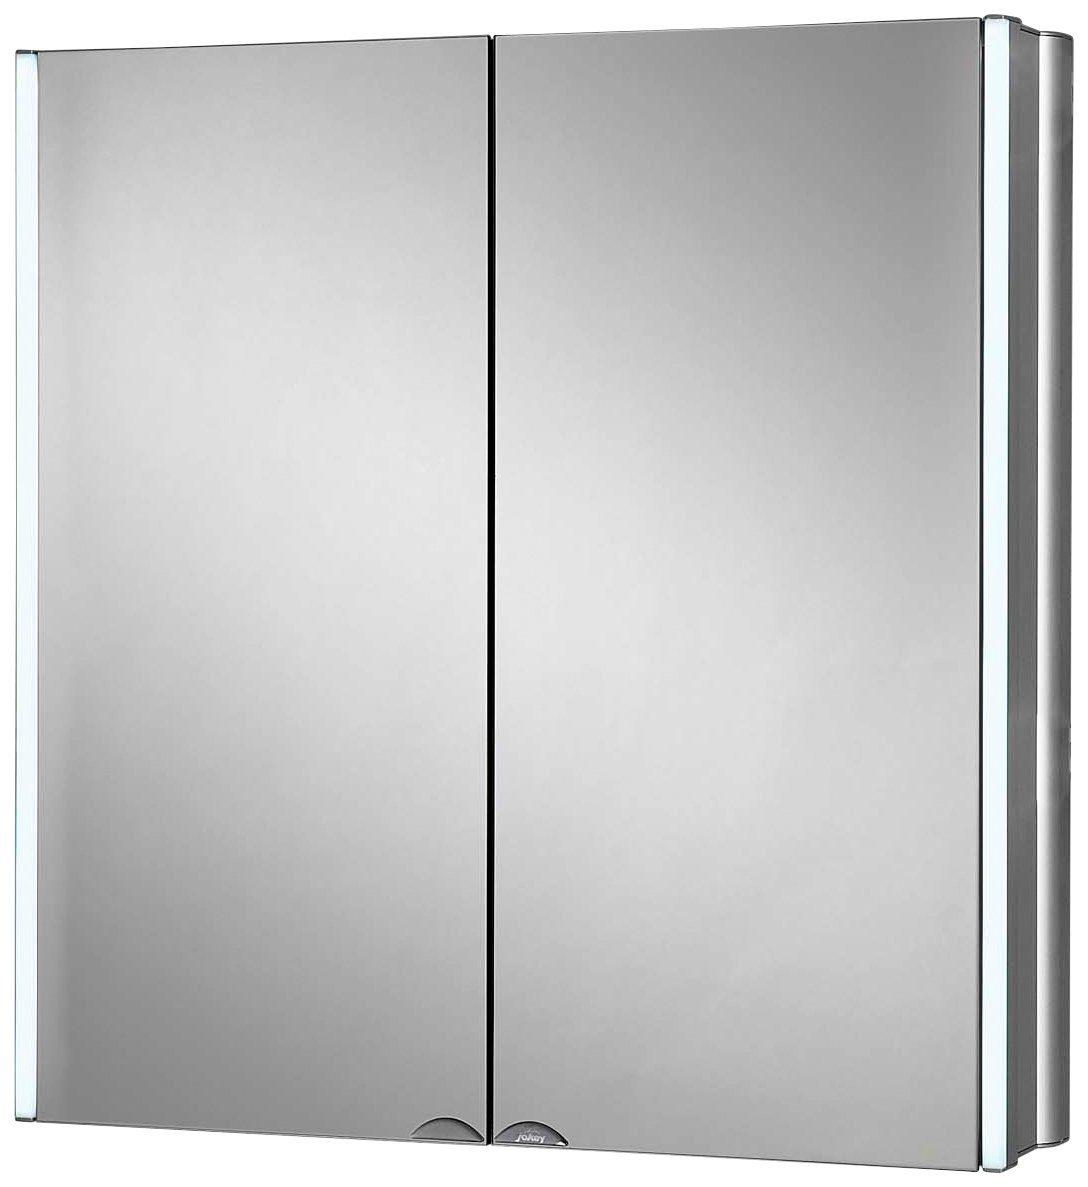 Spiegelschrank »LyndAlu« Breite 65 cm, mit LED-Beleuchtung